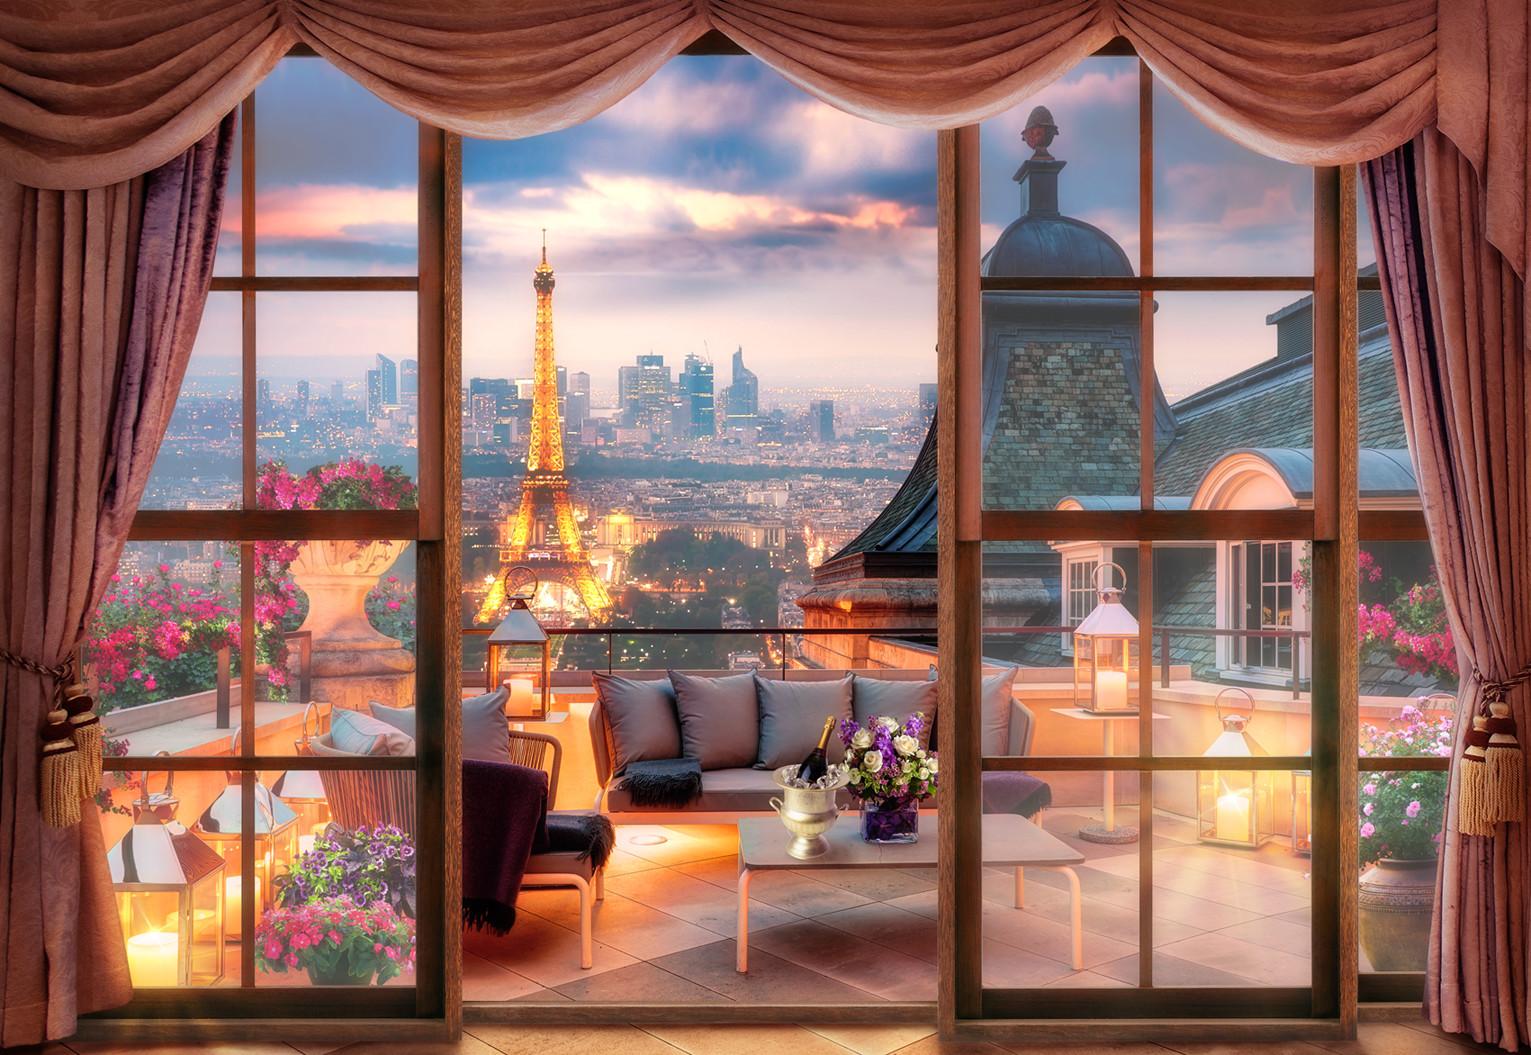 Фотообои вечерний париж из категории: вид из окна. bur-098 -.